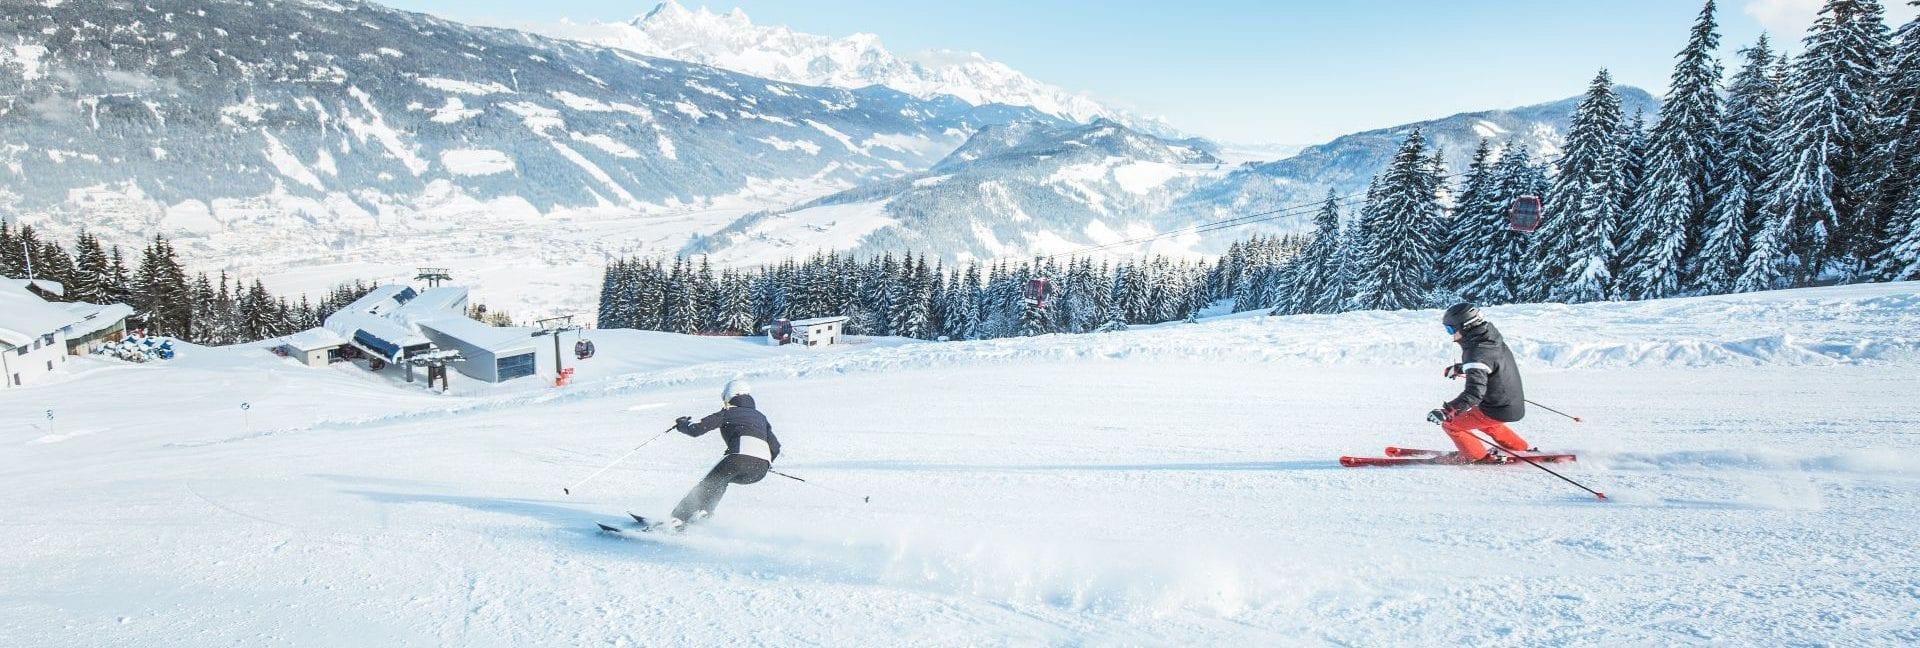 Mit den Start & Finale Skipauschalen von Ski Amadé von tollen Aktions-Angeboten im Hotel Stegerbräu profitieren